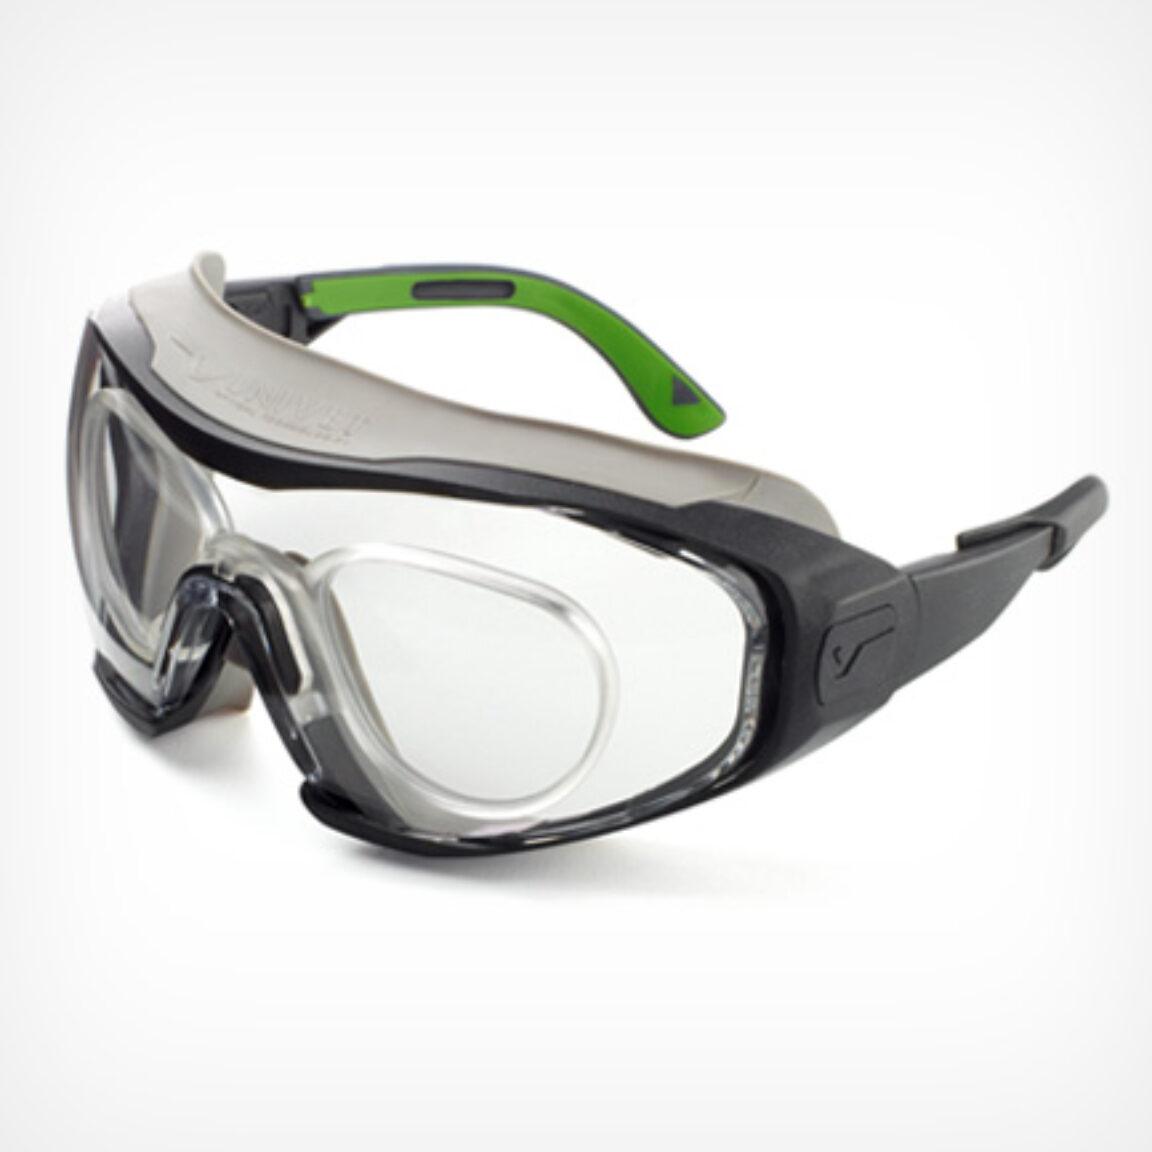 Óculos de Segurança com Grau UNIVET modelo 6X1